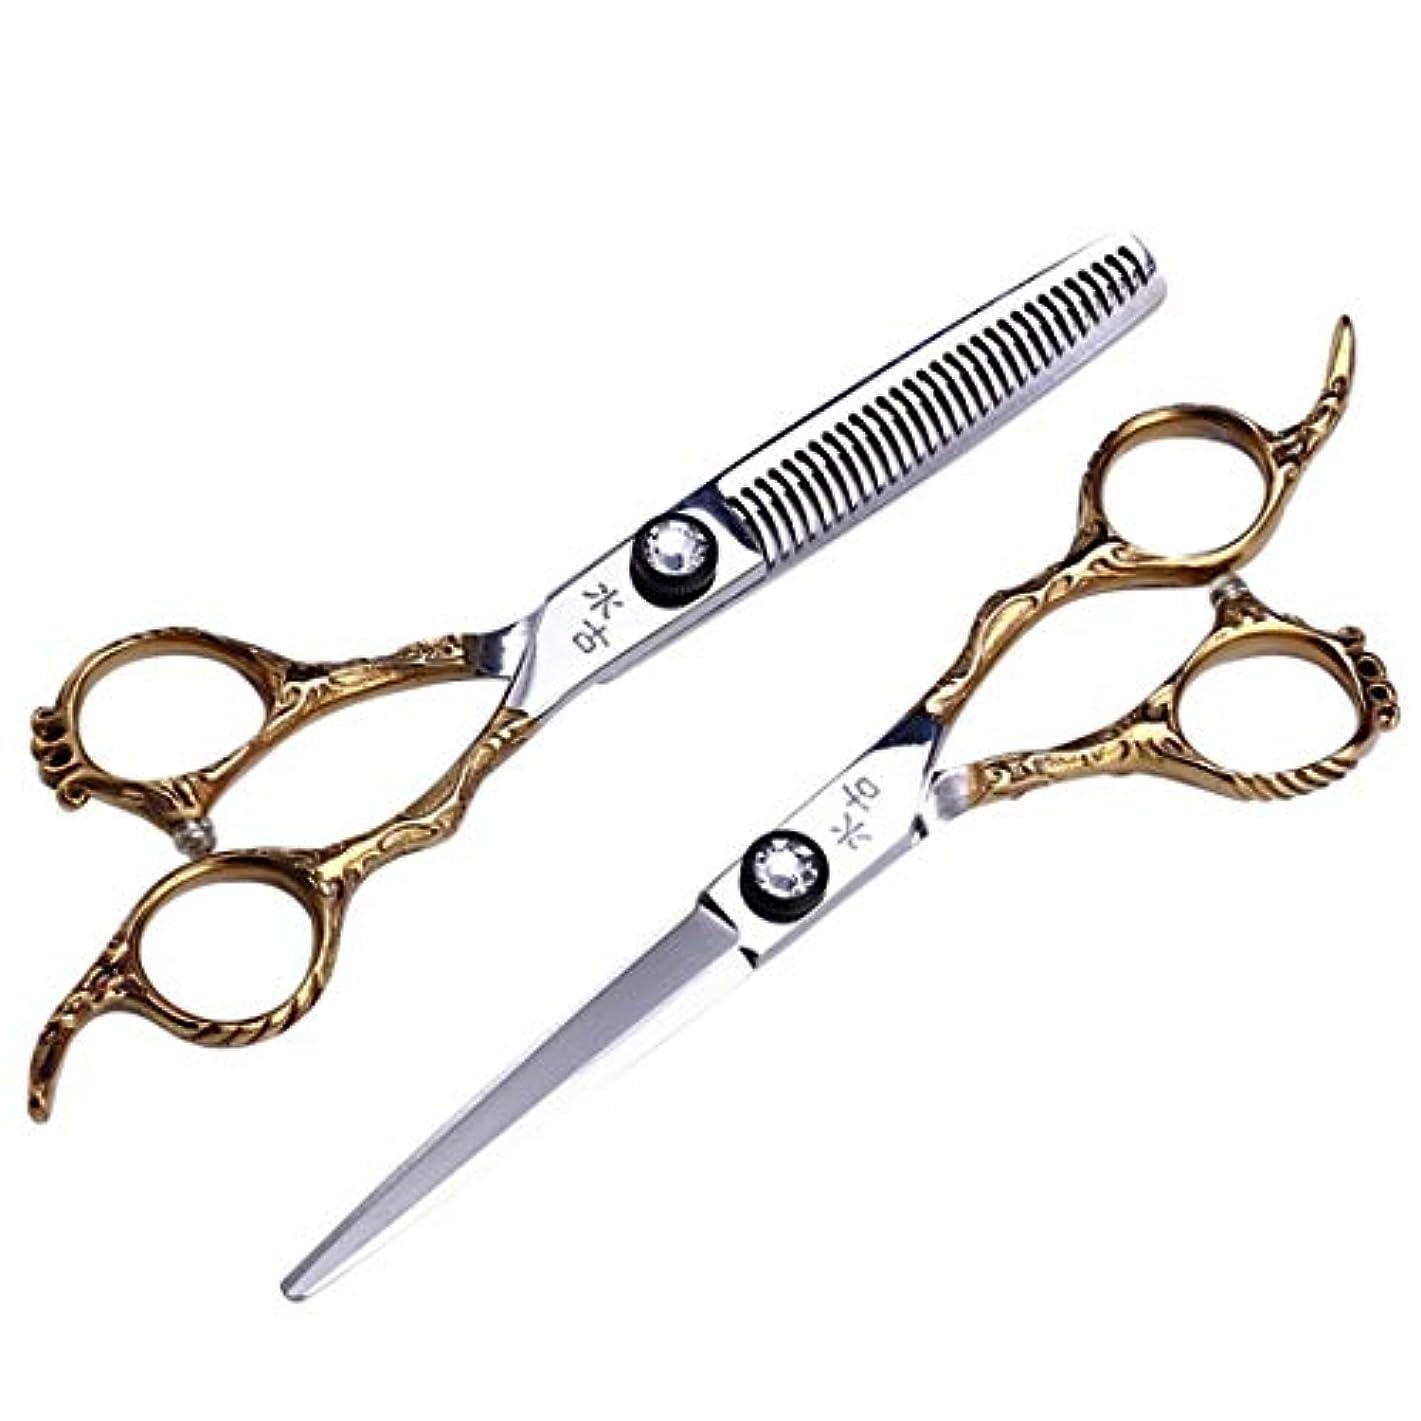 グレートオーク例示する関係するJiaoran 水古代理髪はさみ理髪はさみヘアスタイリスト特別なフラットはさみ歯はさみ間伐剪断散髪6インチ